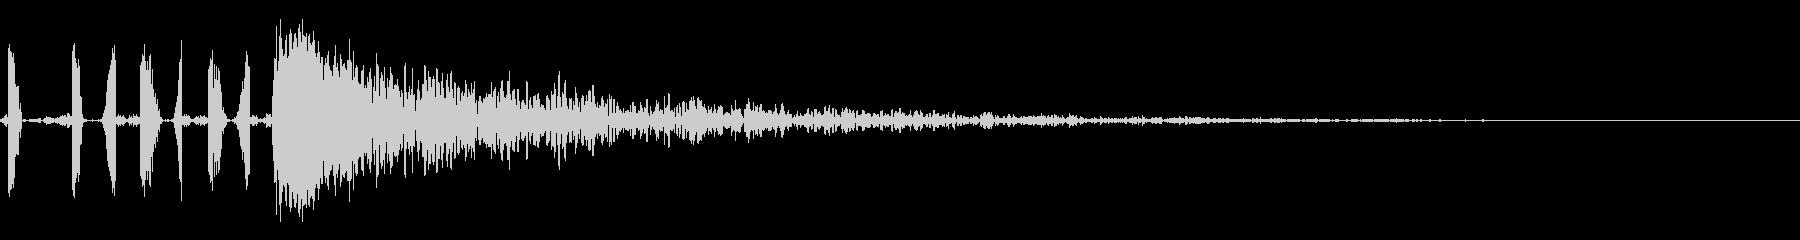 チミービニールスタイルの未再生の波形